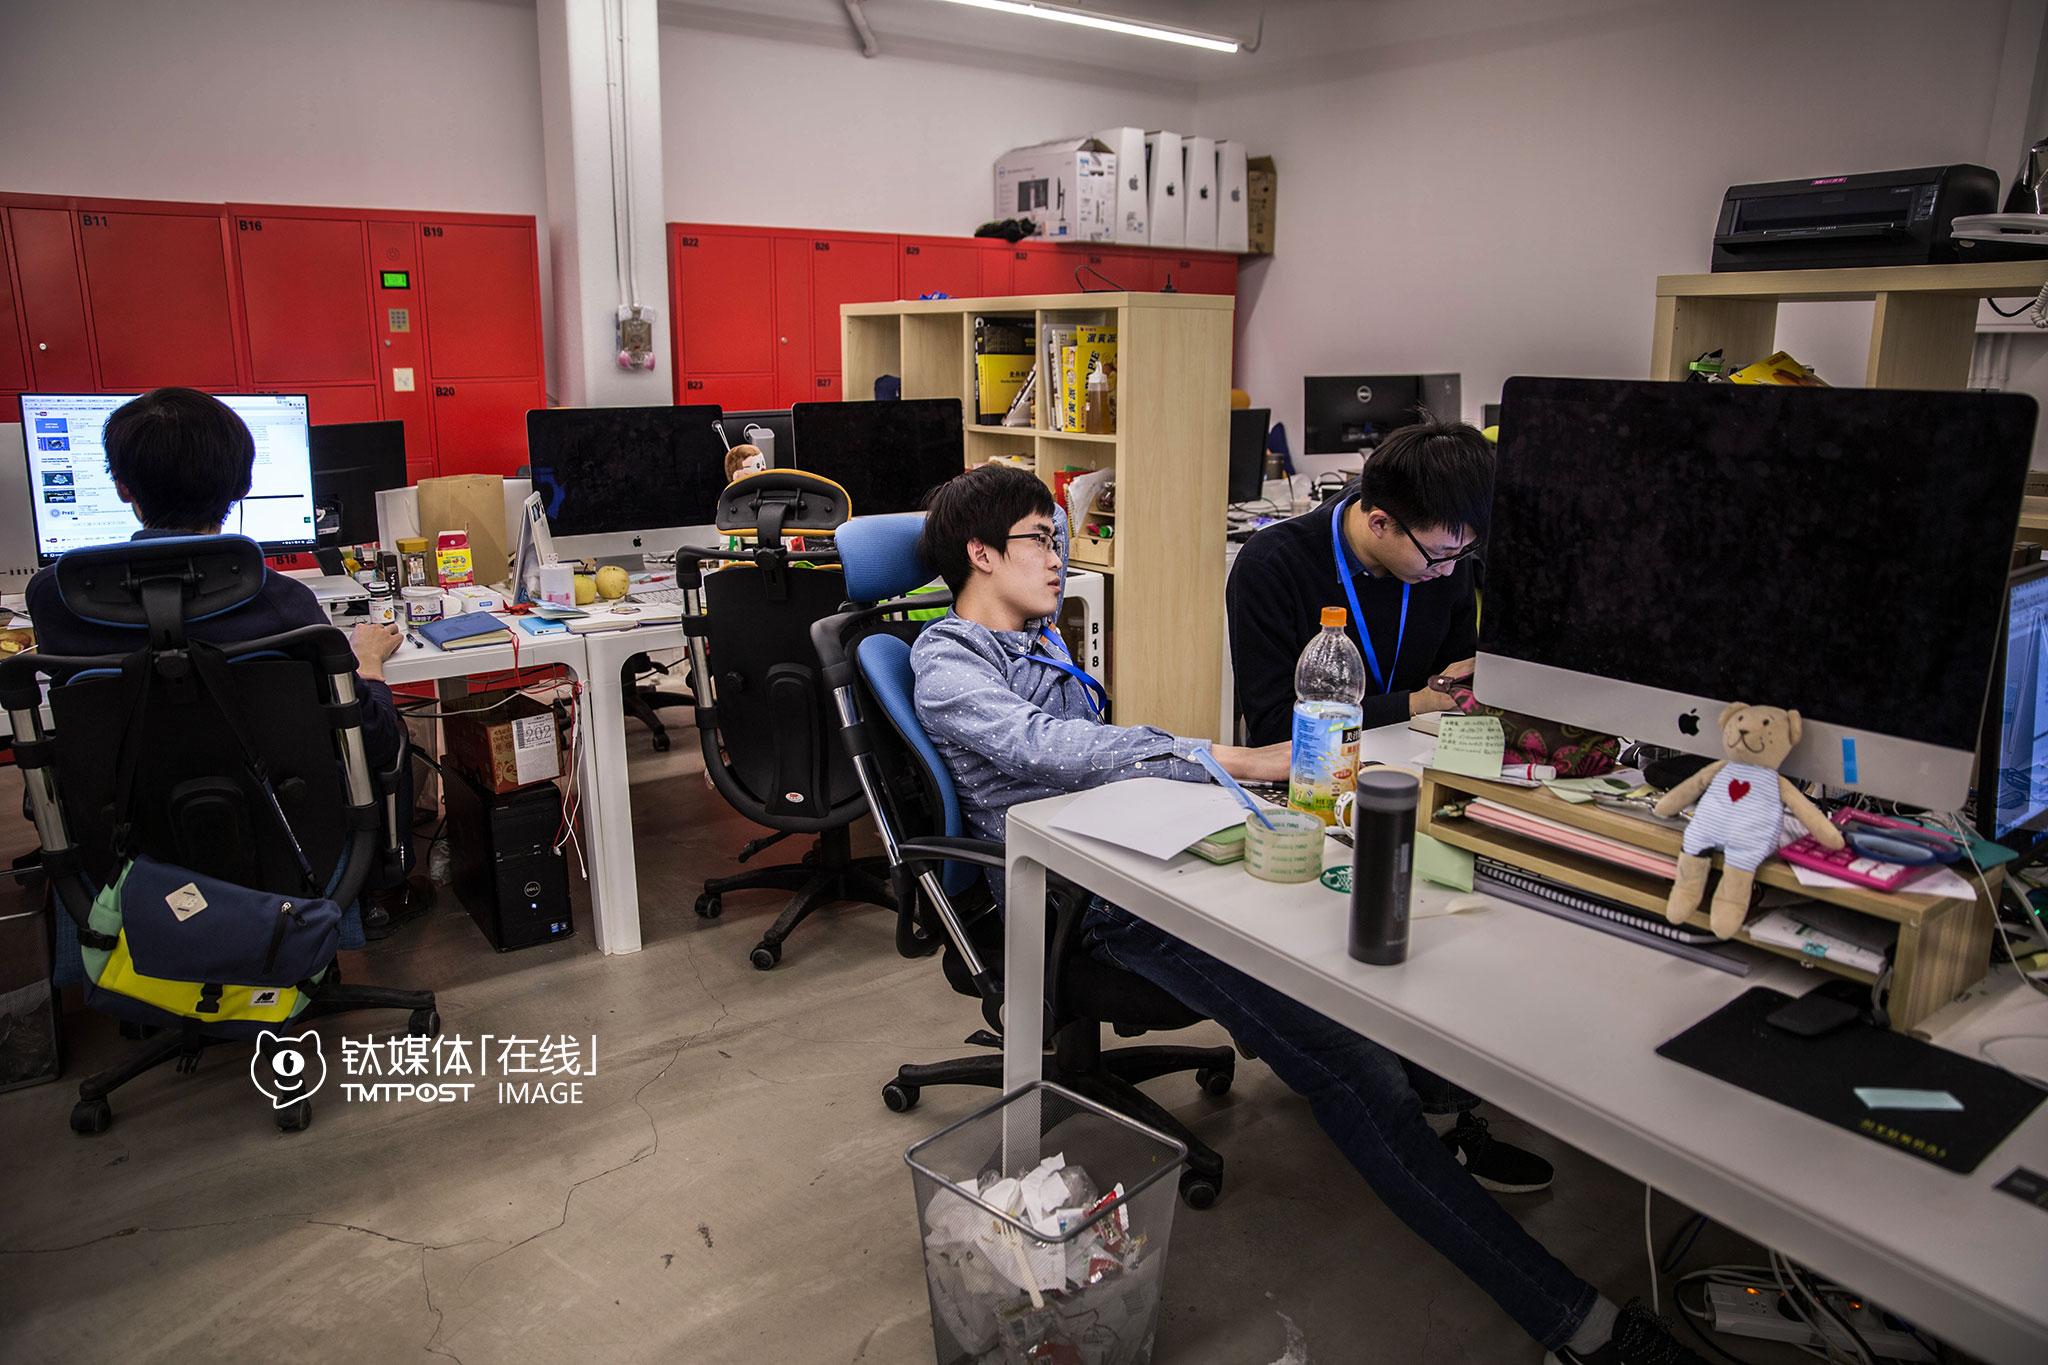 3月2日21:48,北京,王宝臣(中)在孵化器办公点与同事讨论产品。他们的产品创客贴是一款面向非专业用户的在线设计工具,3月份以来他们一直在完善细节,准备A轮。